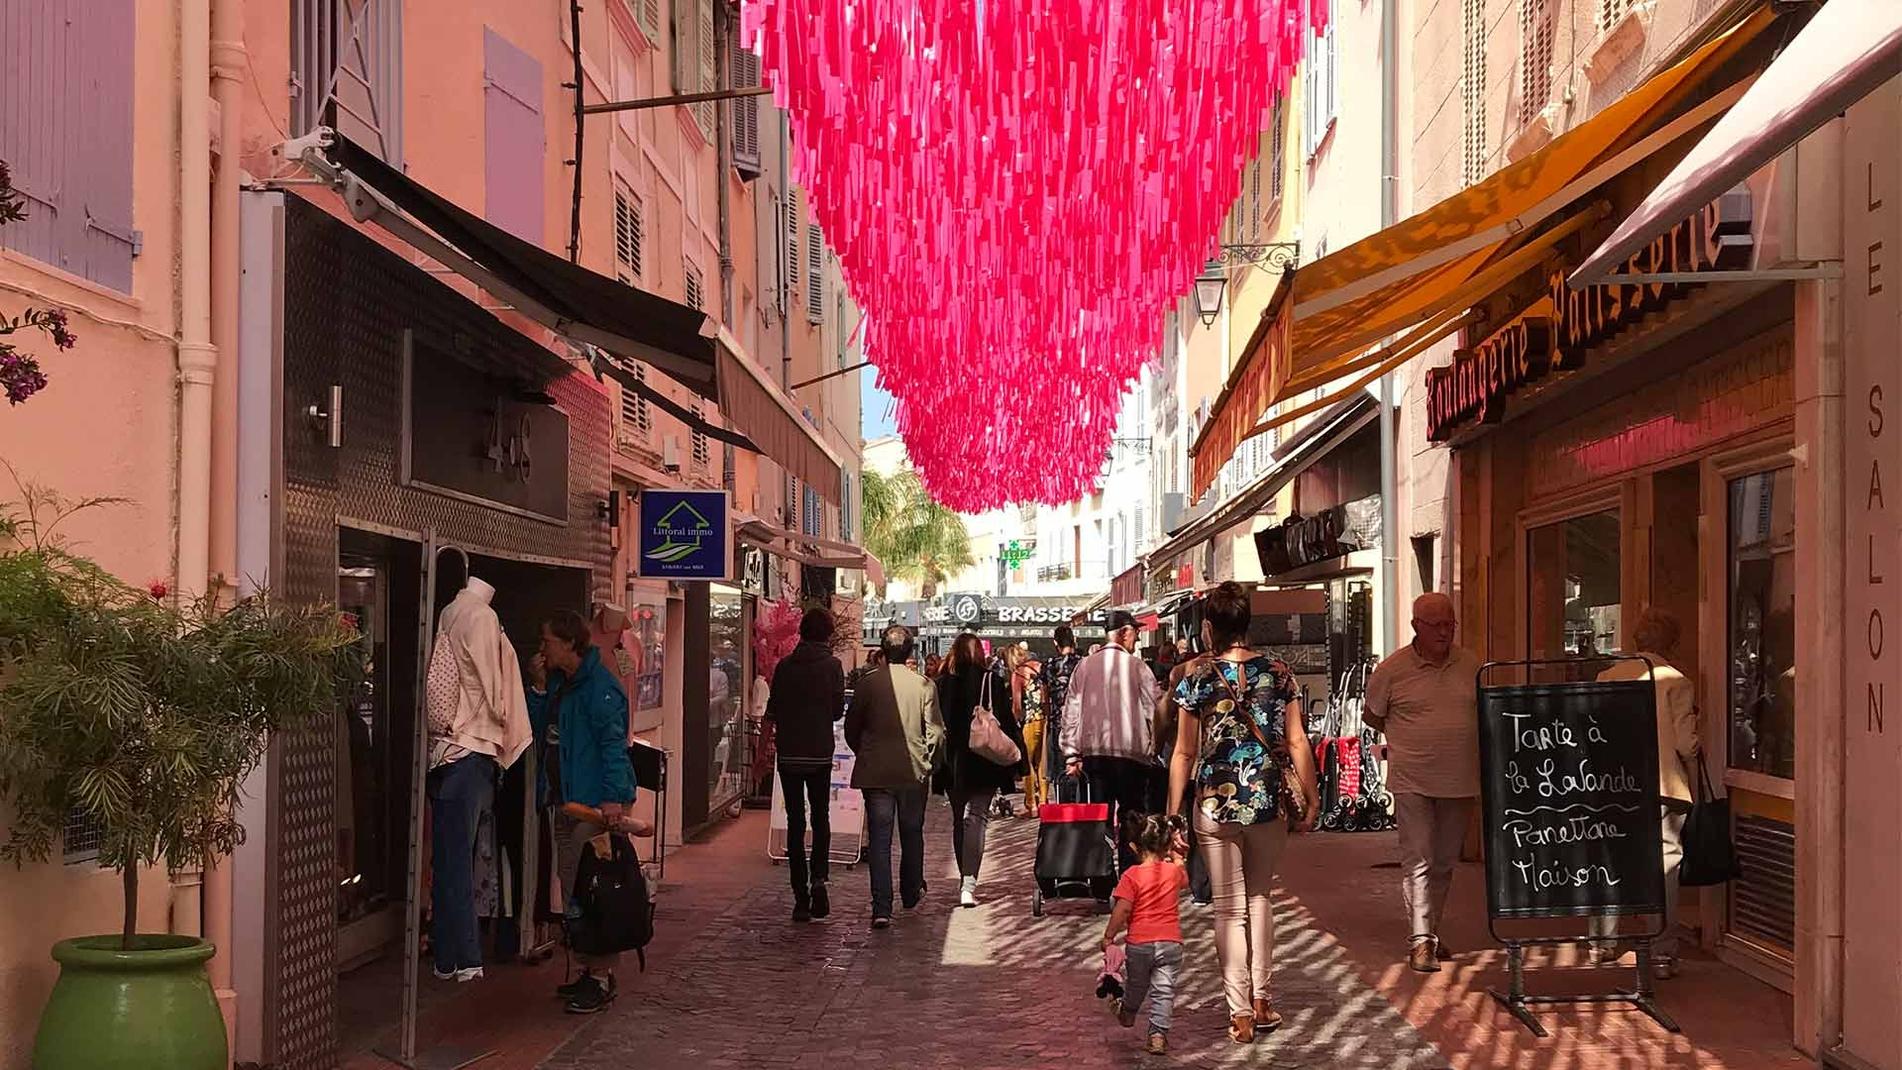 Pluie rose - Sanary-sur-Mer '18